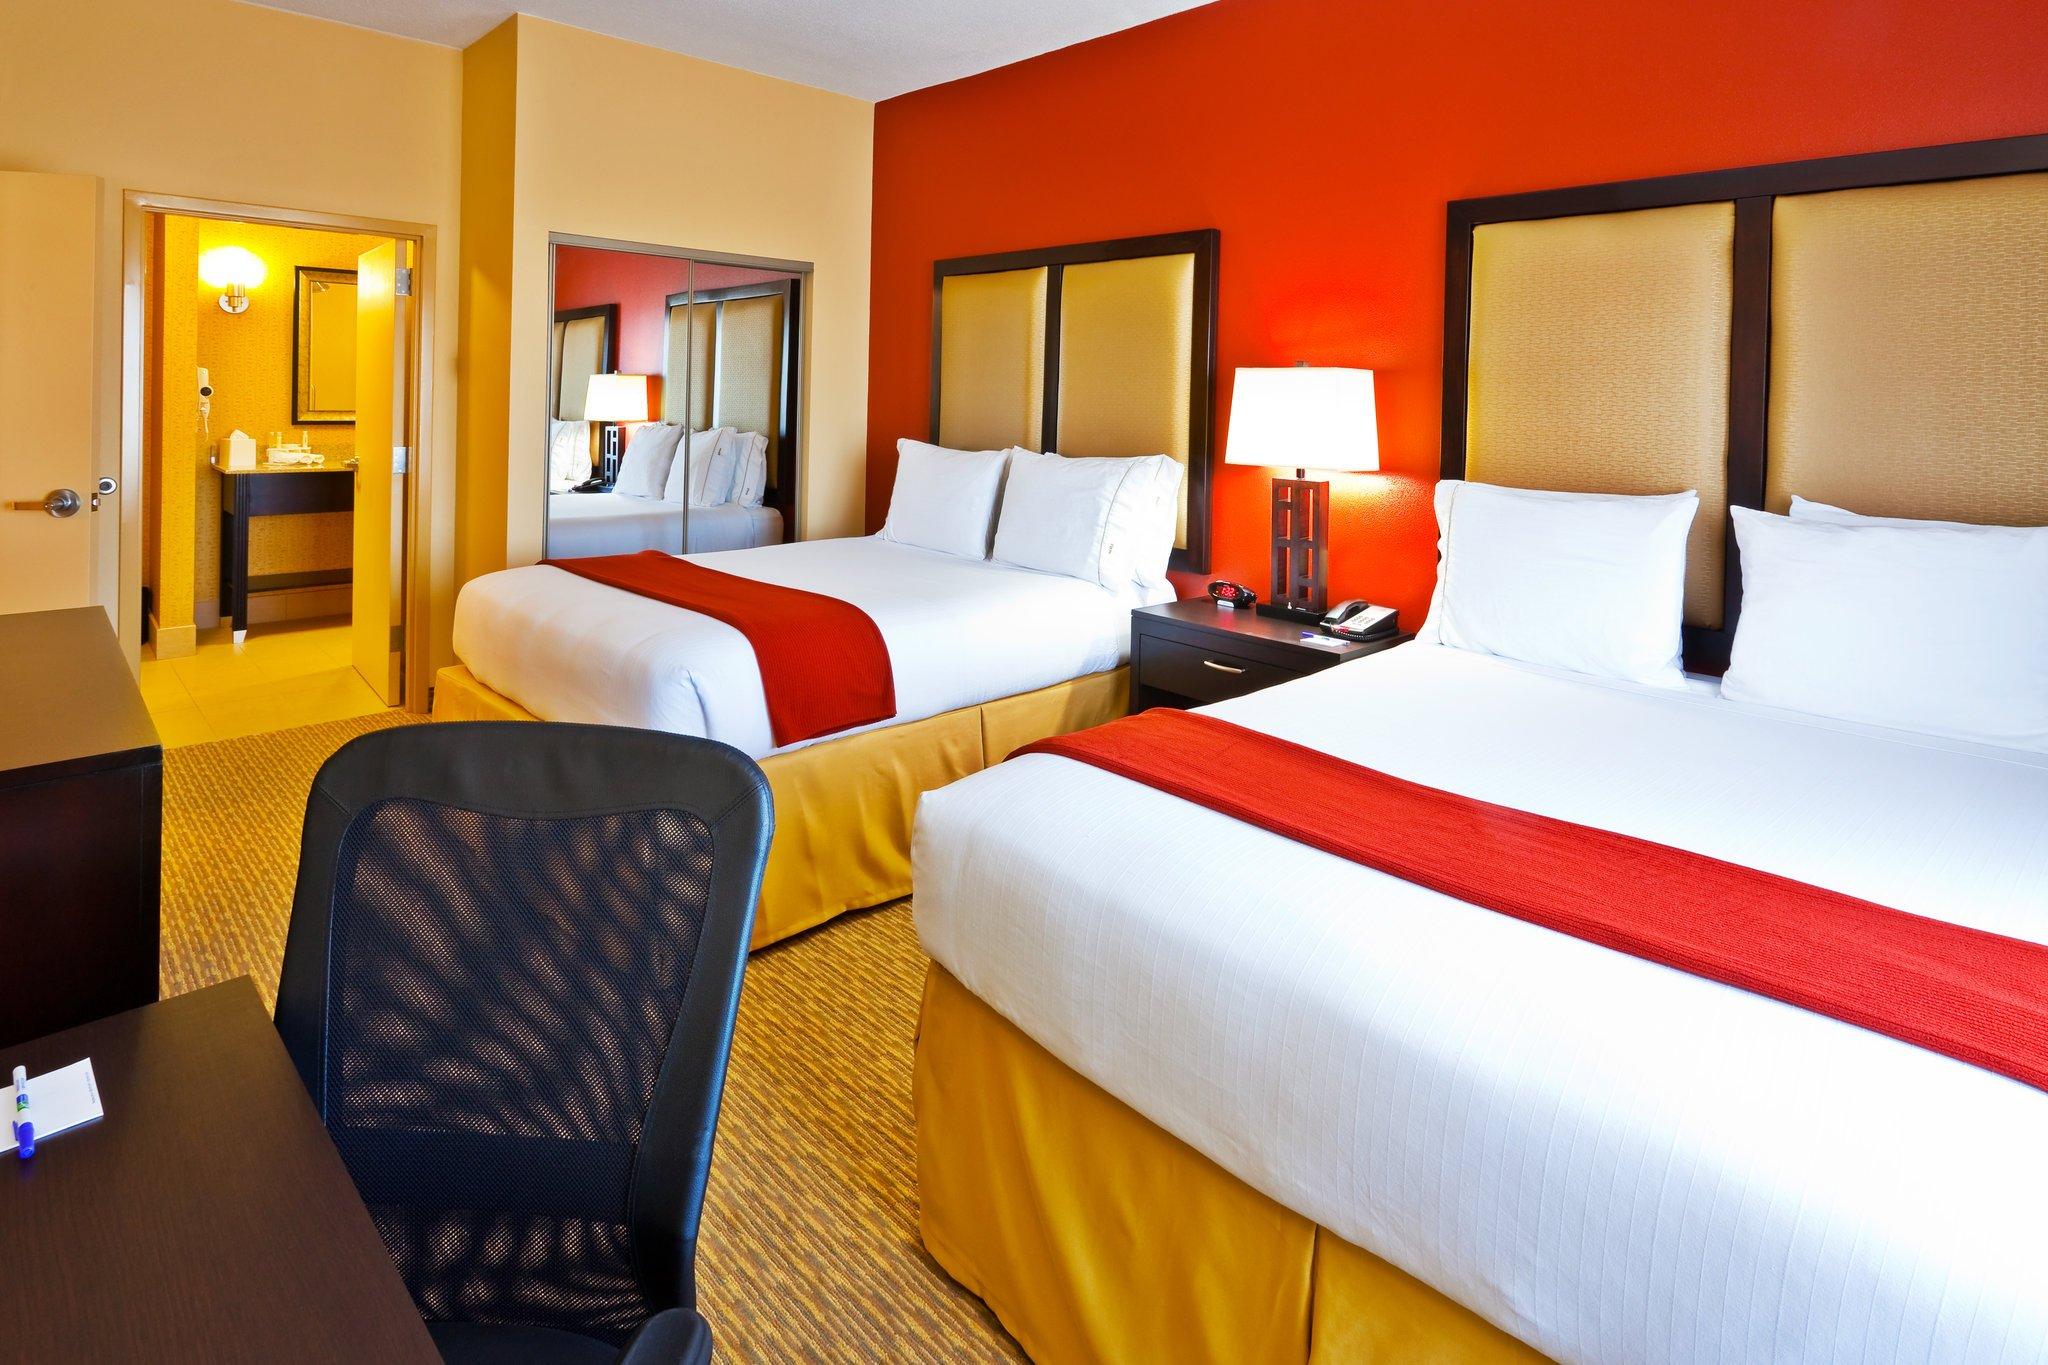 Nashville 2 Bedroom Suites Holiday Inn Express Hotel Suites Nashville Opryland Updated